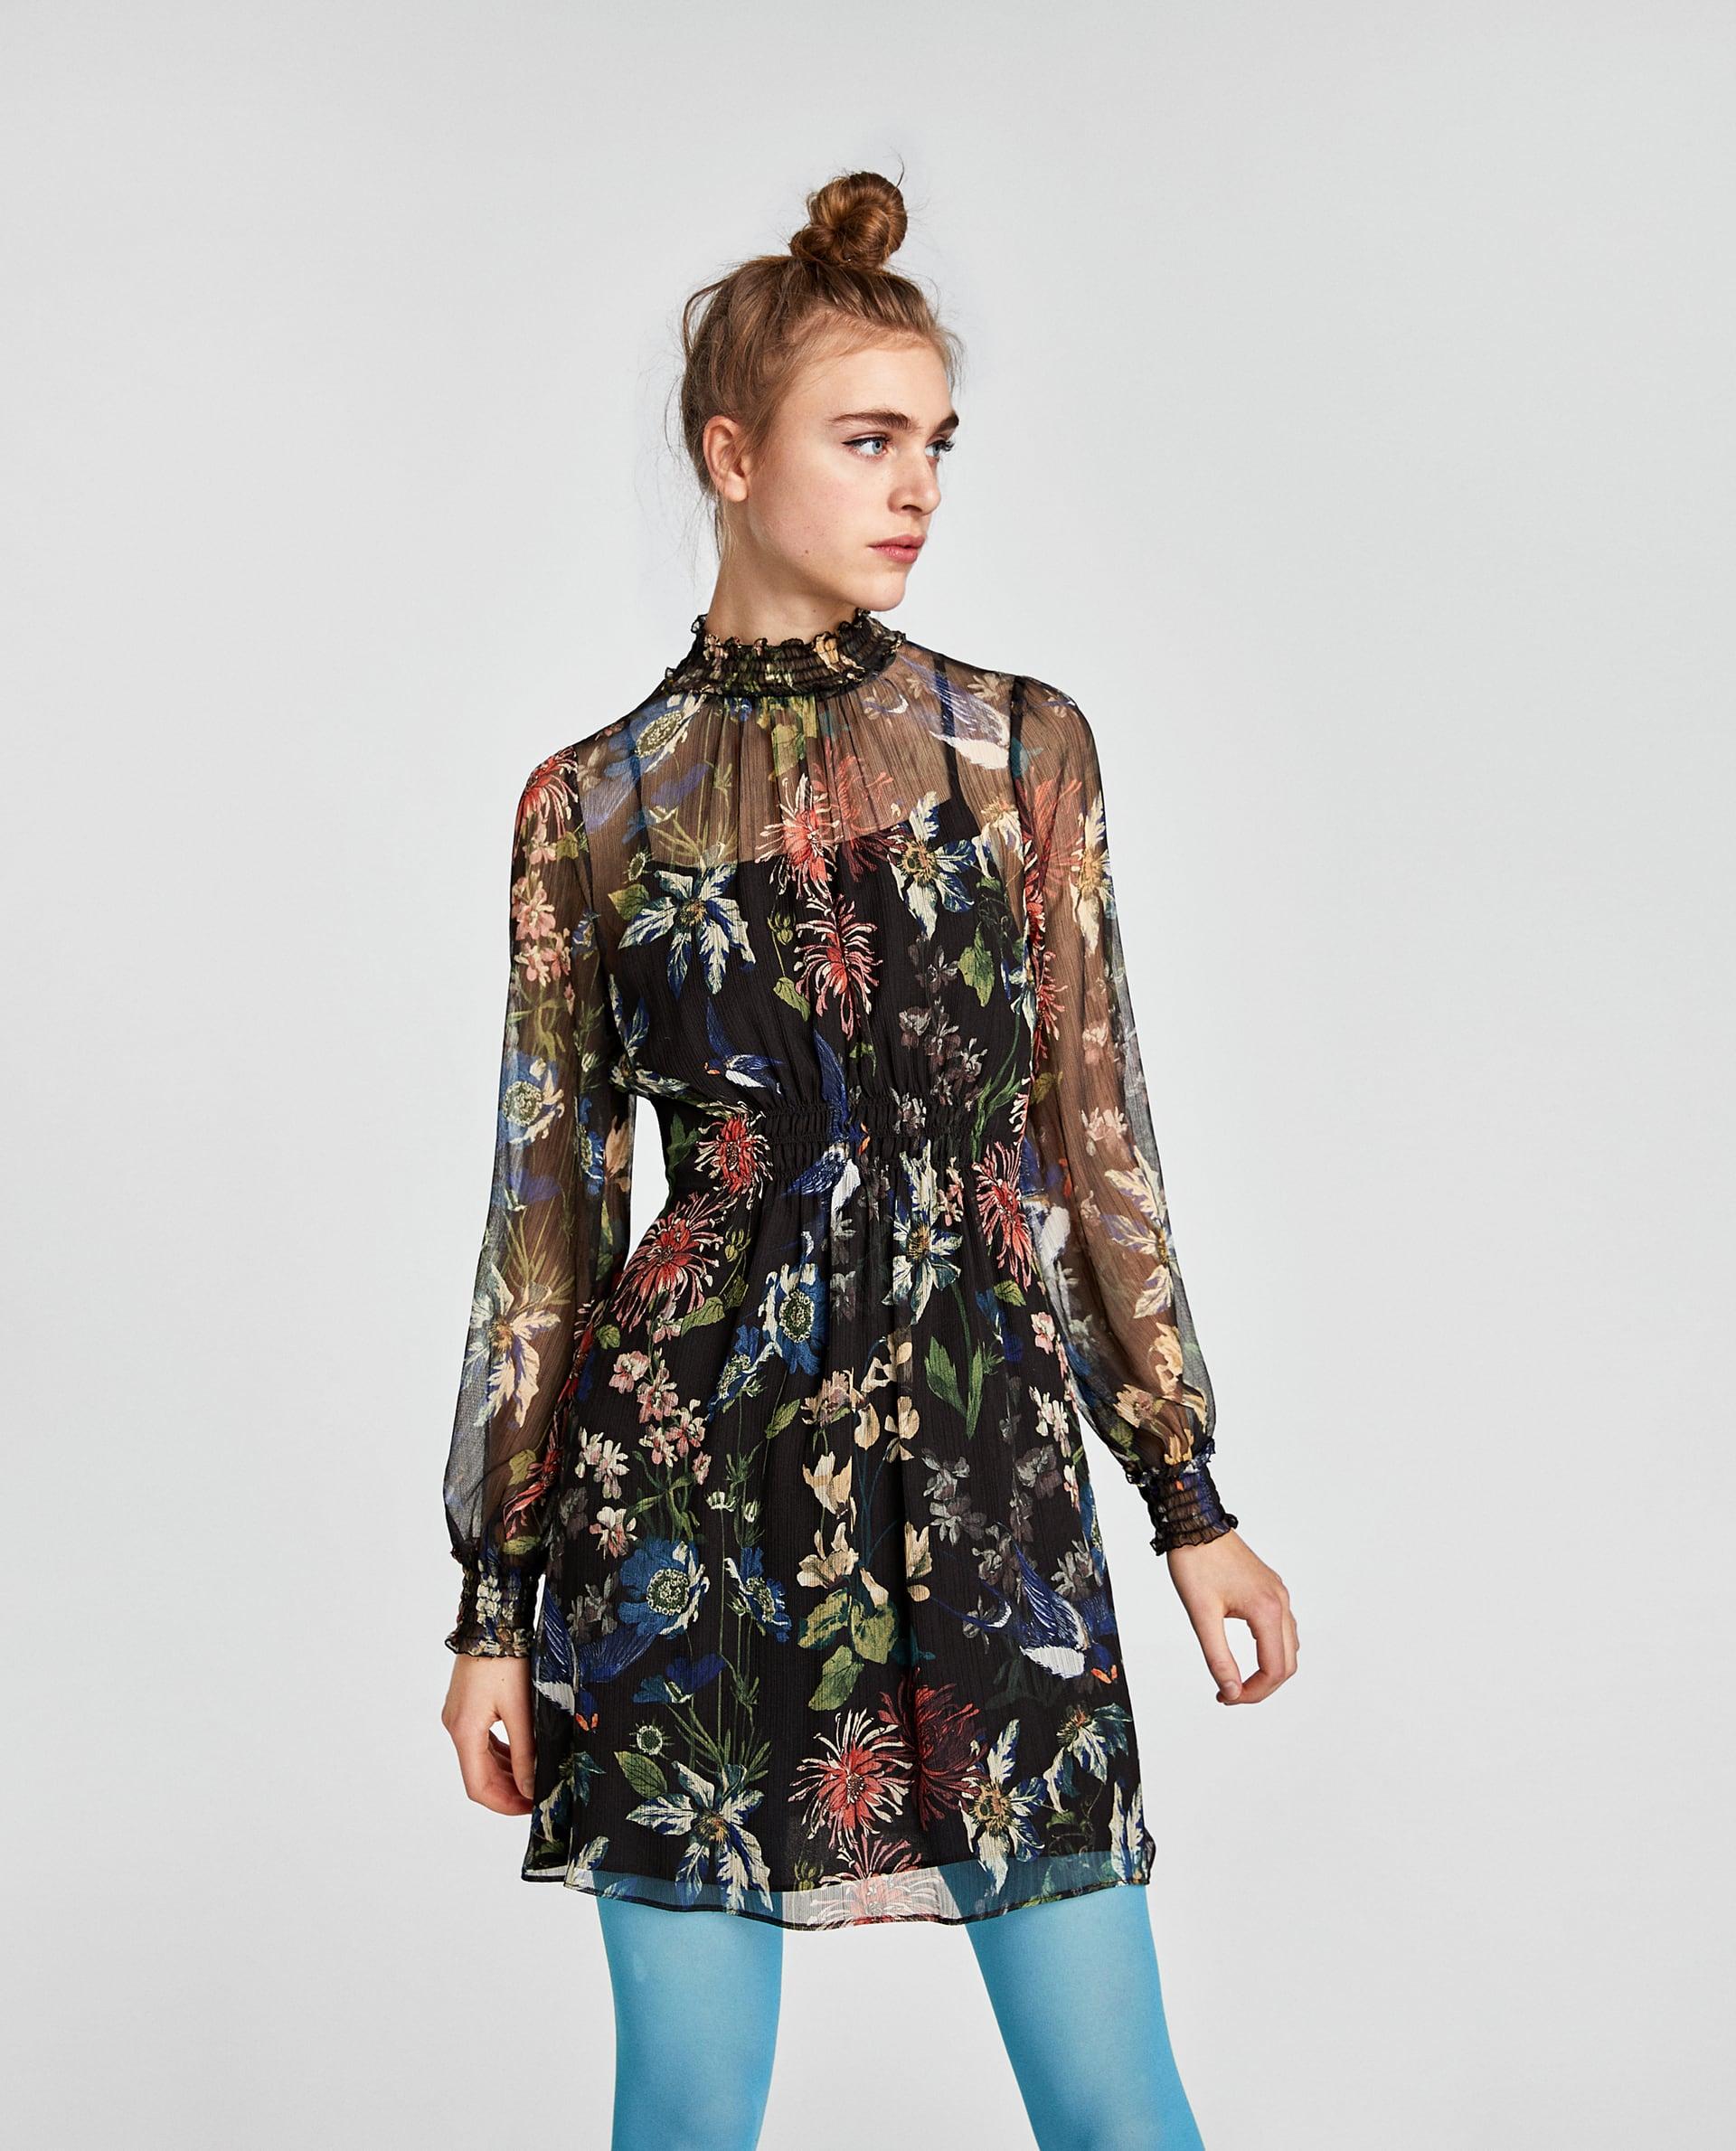 Abito a fiori elasticizzato Zara collezione primavera estate 2018